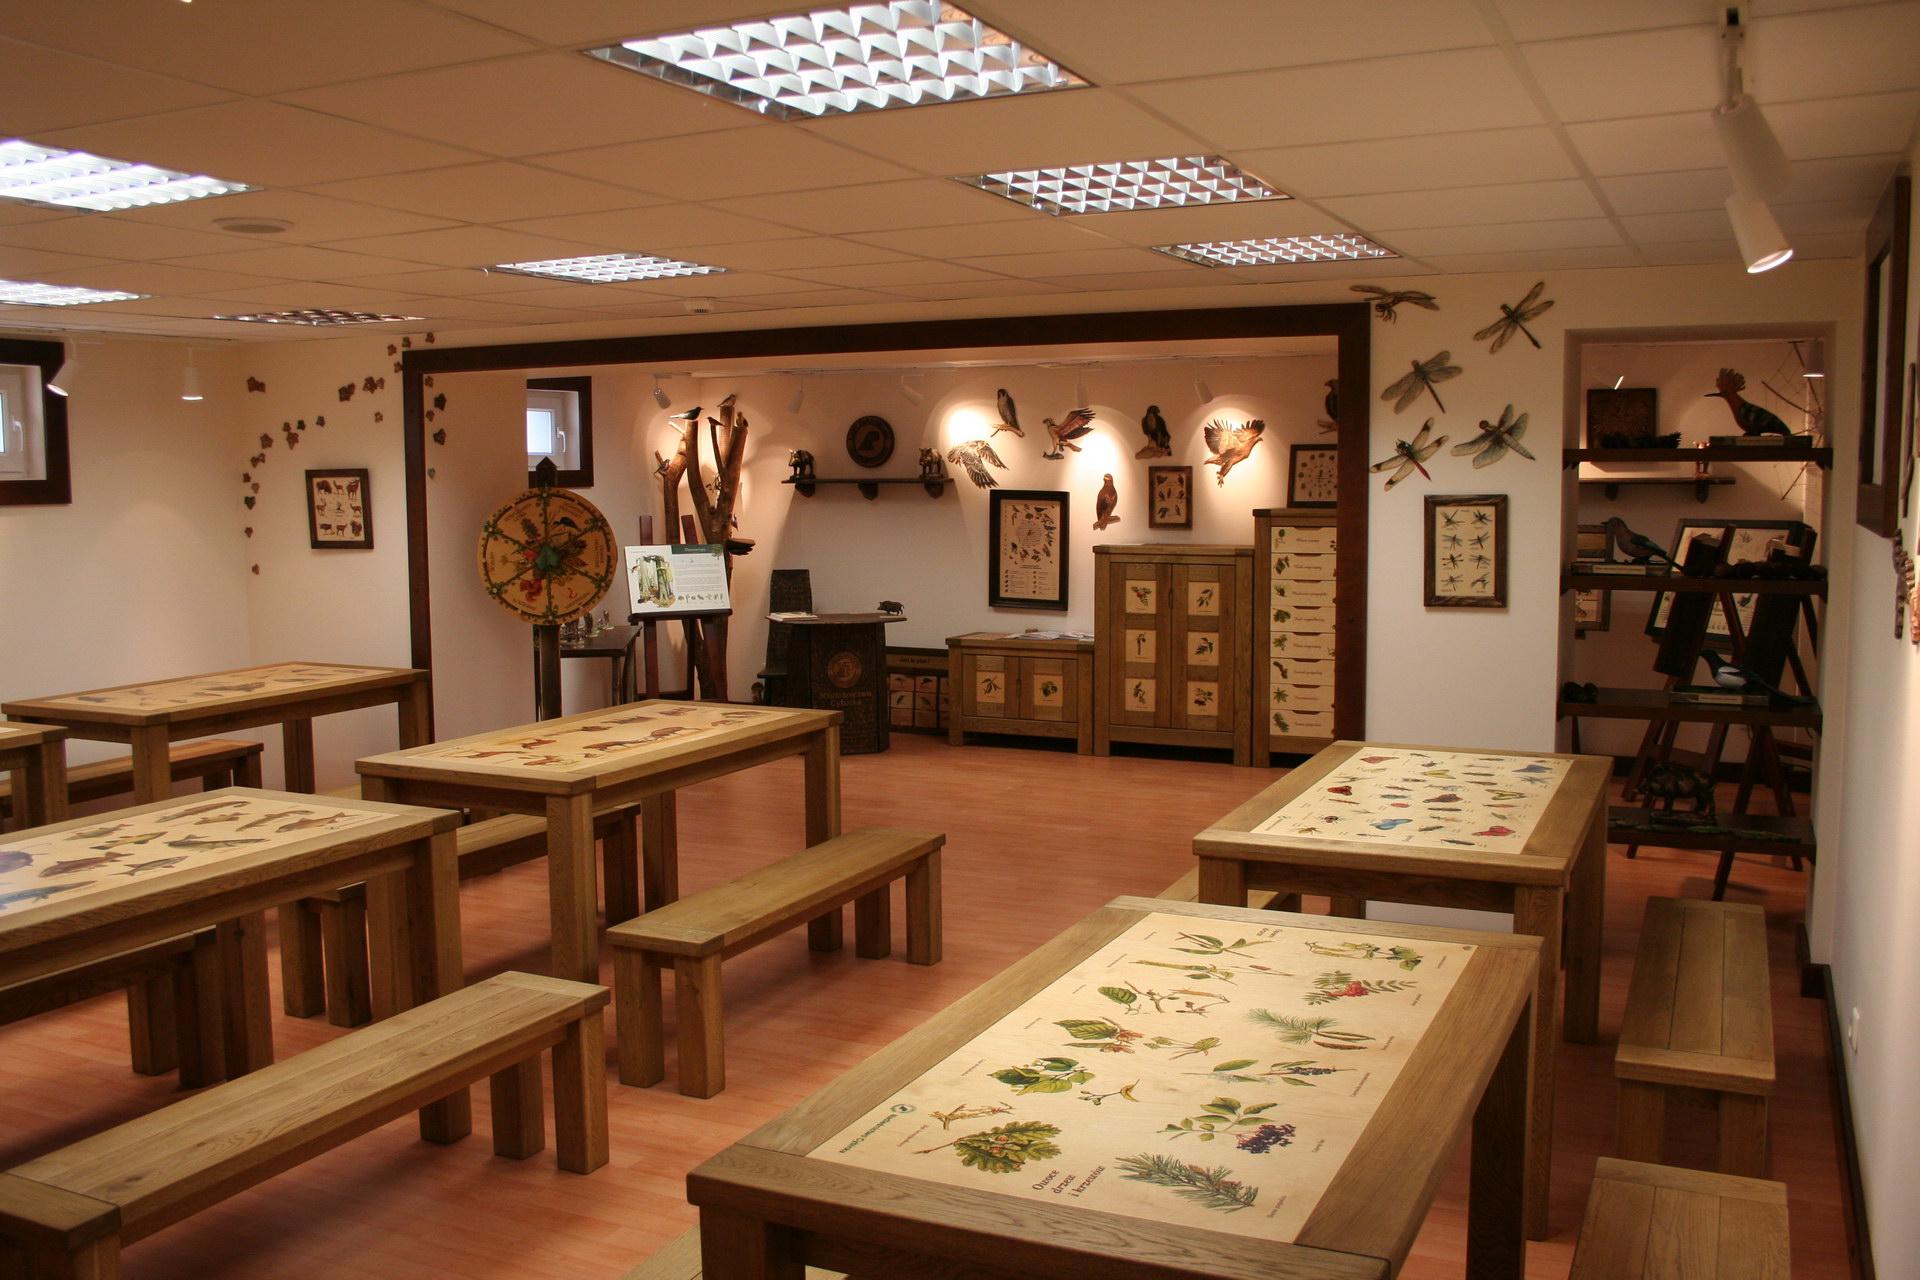 Izby edukacyjne lesne - sale przyrodnicze, wystroj wnetrz - Nadlesnictwo Cybinka (4)